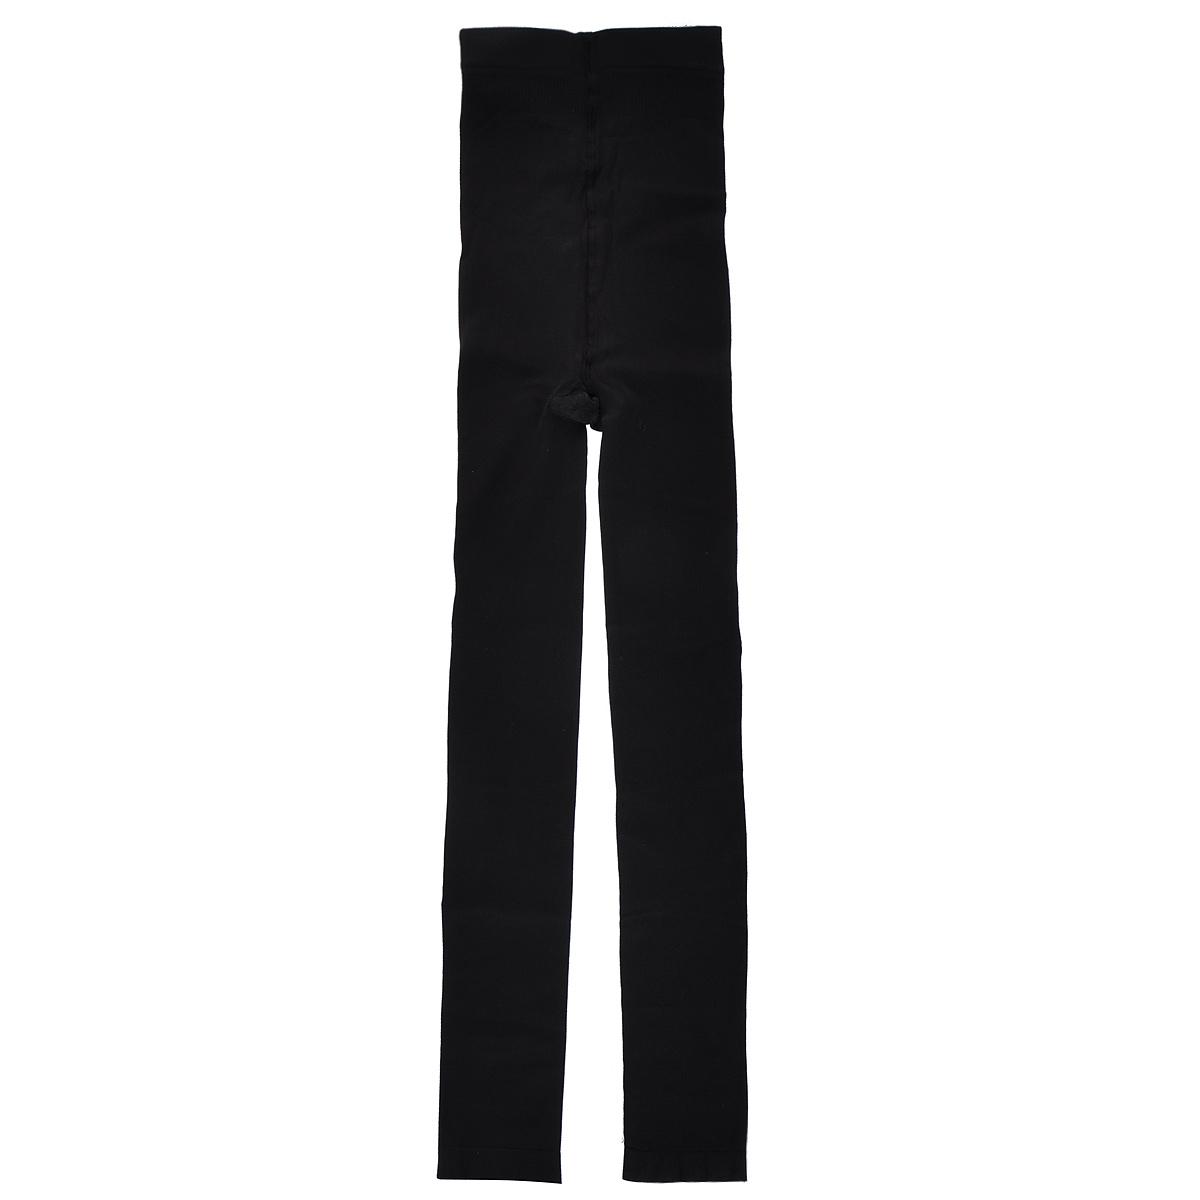 Леггинсы женские Magic BodyFashion Lower Body Slim Legging, корректирующие, цвет: черный. 15SL. Размер XXL (52)